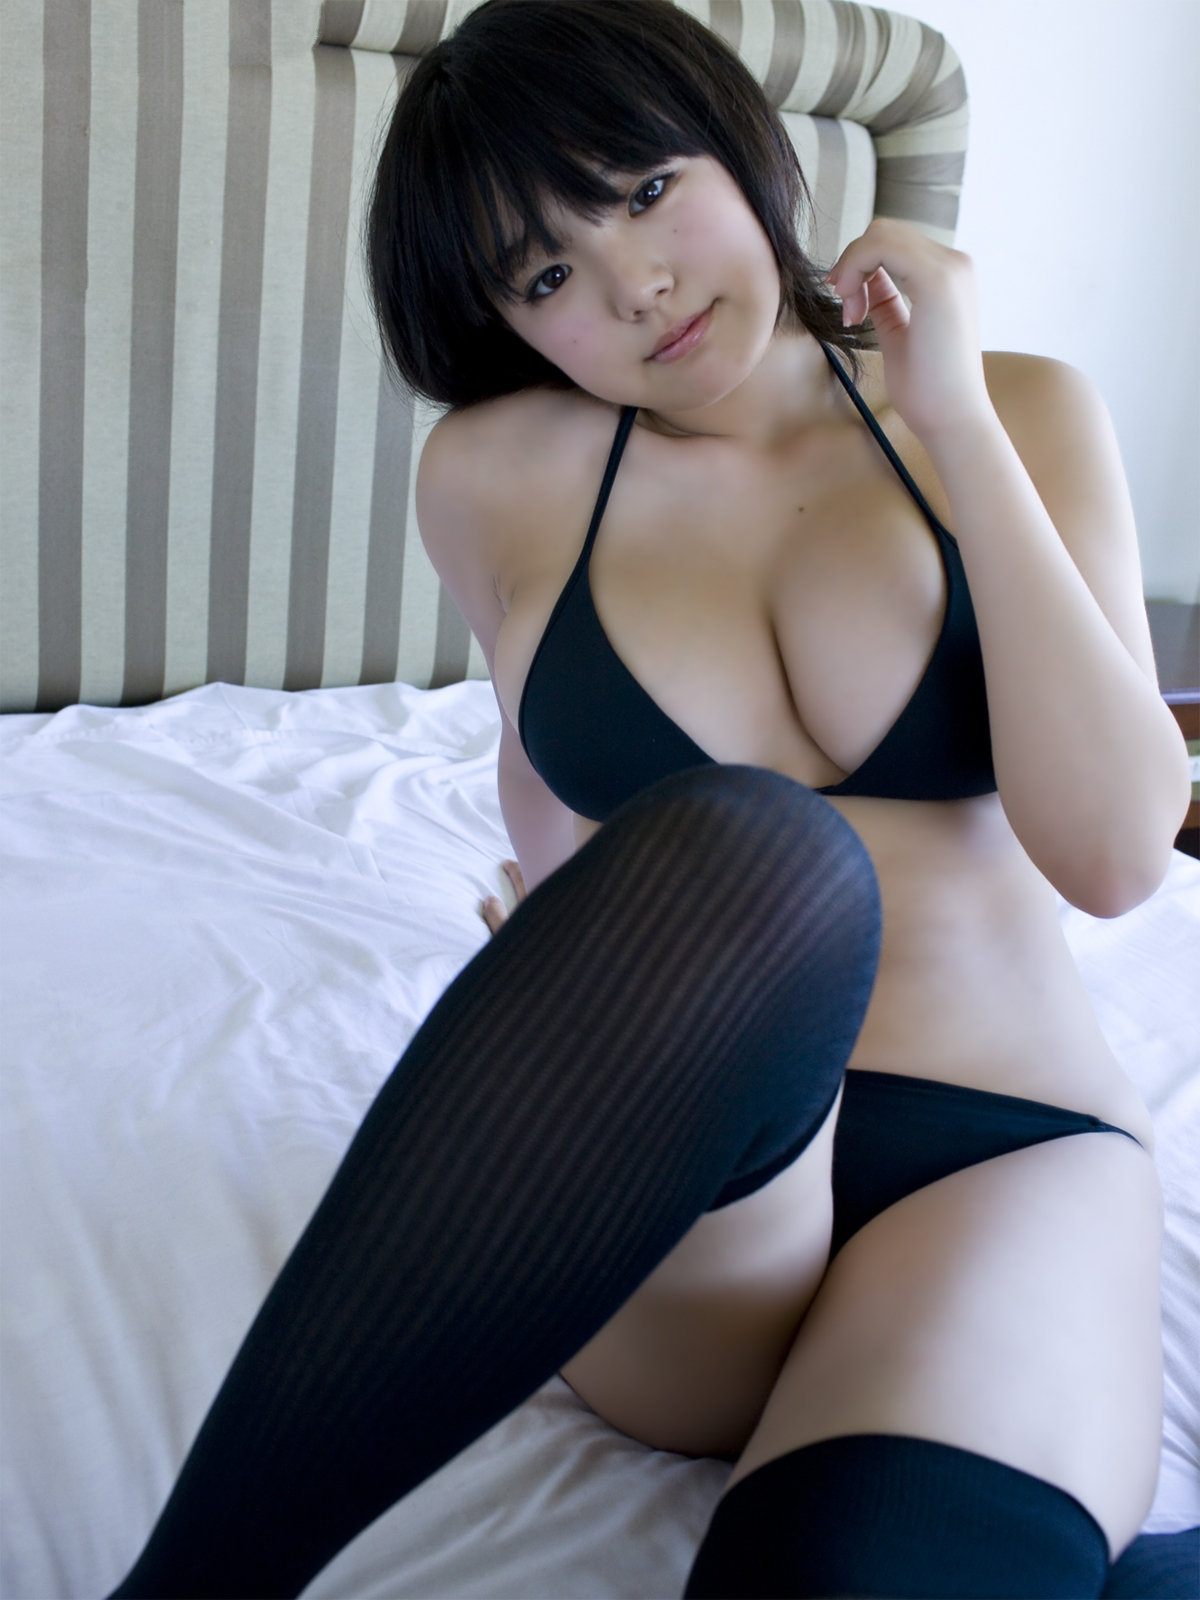 Ai Shinozaki Photos sexy japanese bikini - in Black bikini